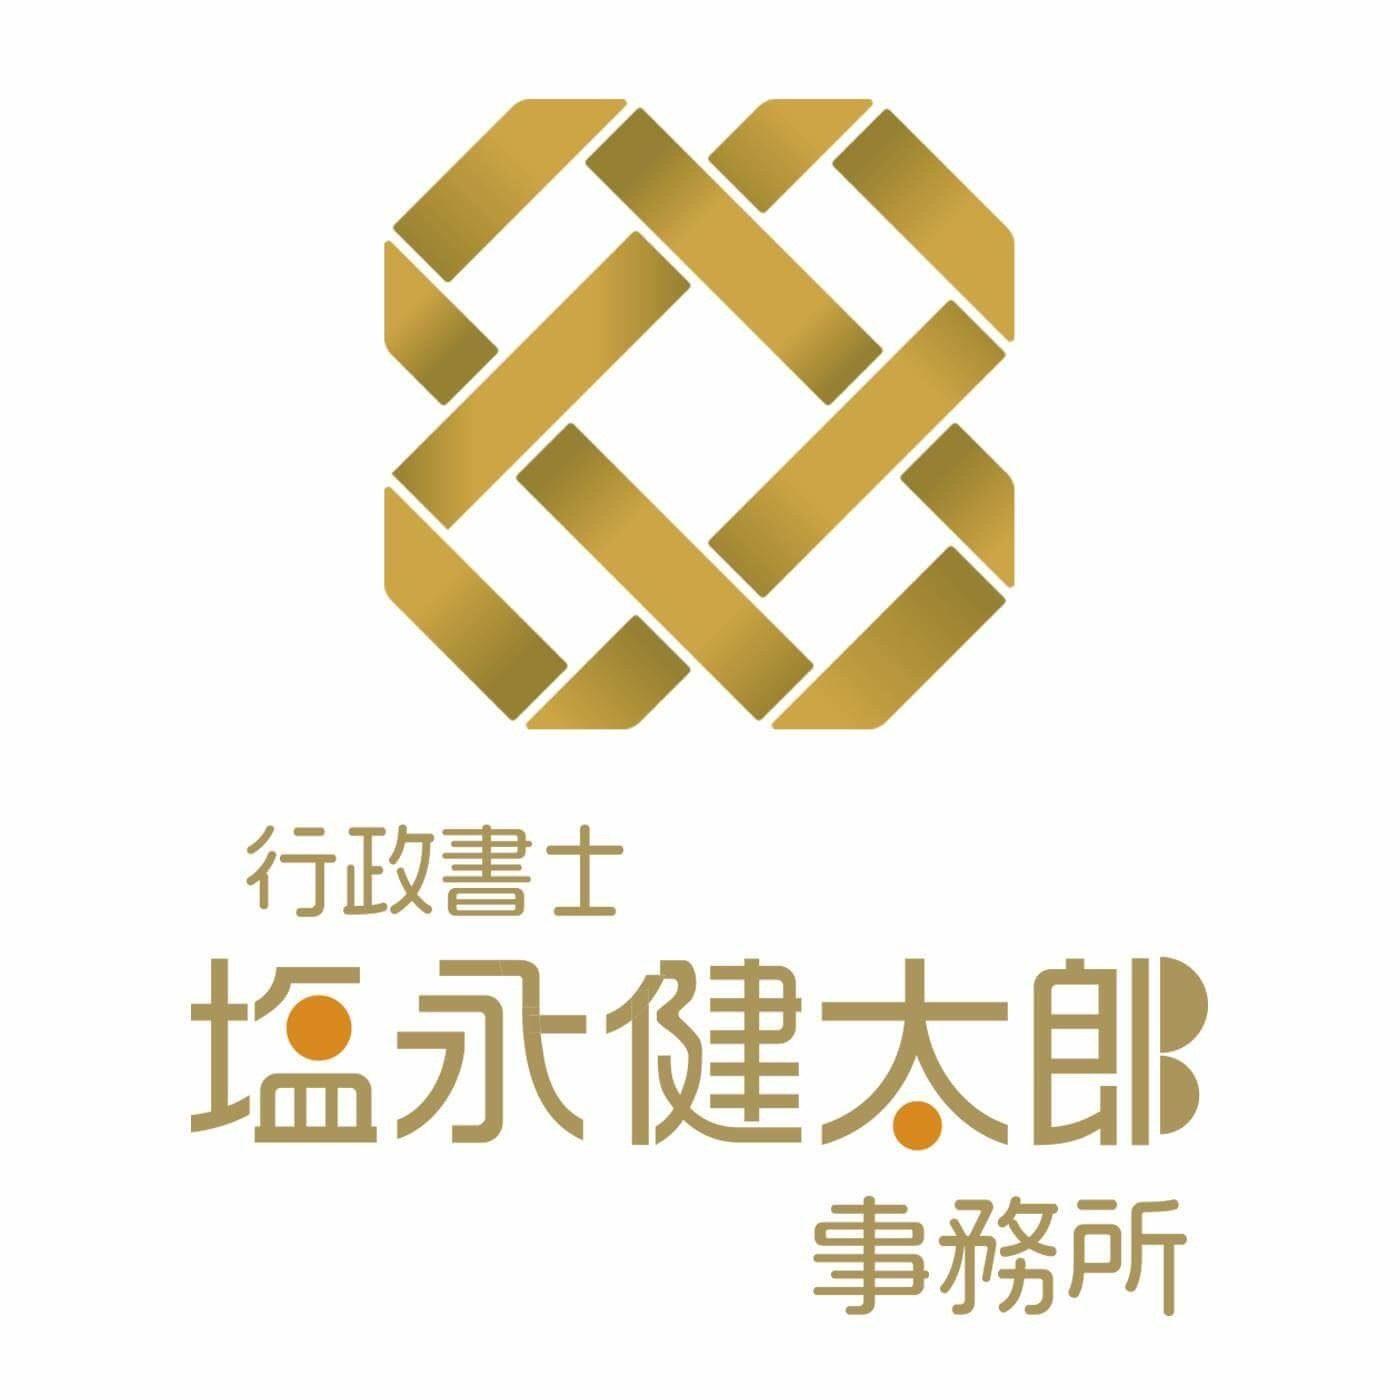 熊本県での会社設立、新規事業立ち上げのご相談